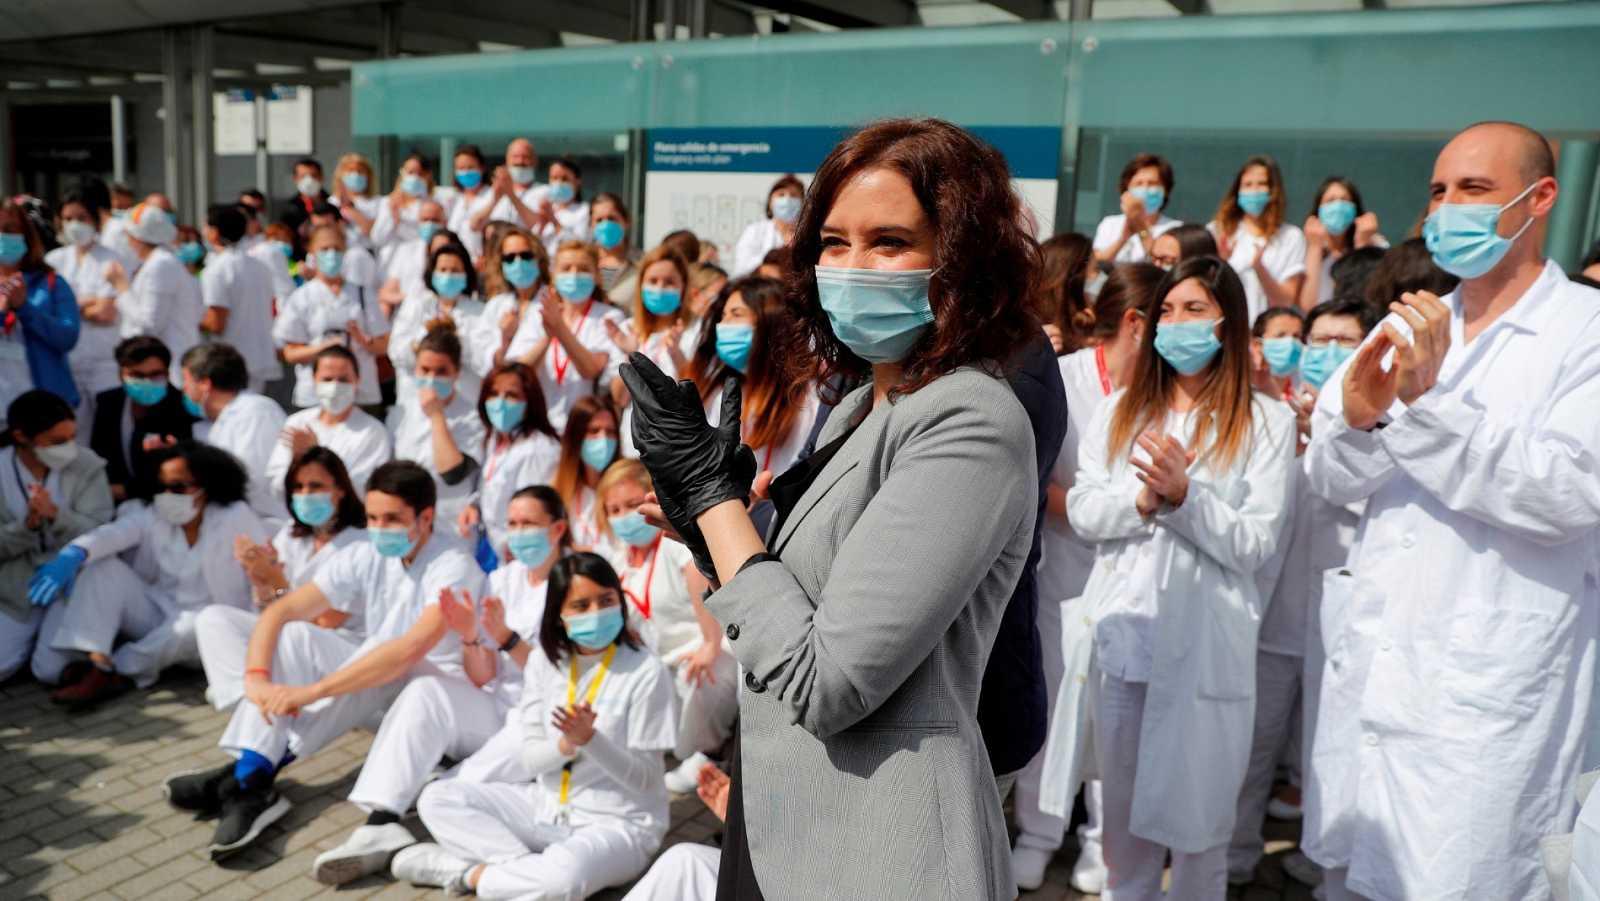 La presidenta madrileña aplaude en el acto de cierre del hospital de Ifema